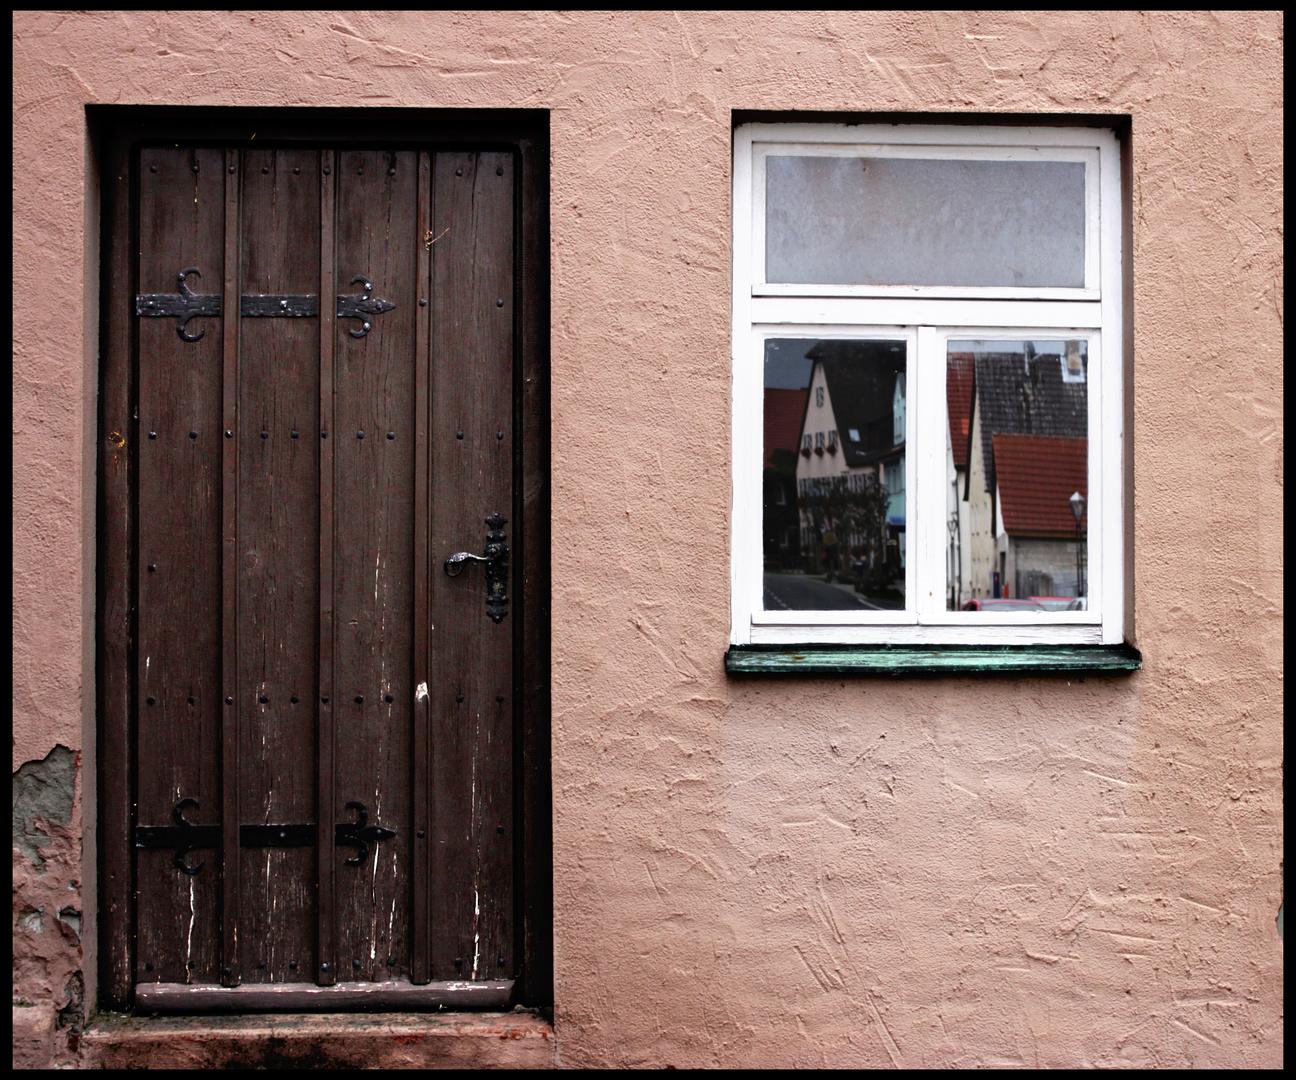 Verschlossene tür  Verschlossene Tür, ohne Möglichkeit durchs Fenster zu blicken Foto ...